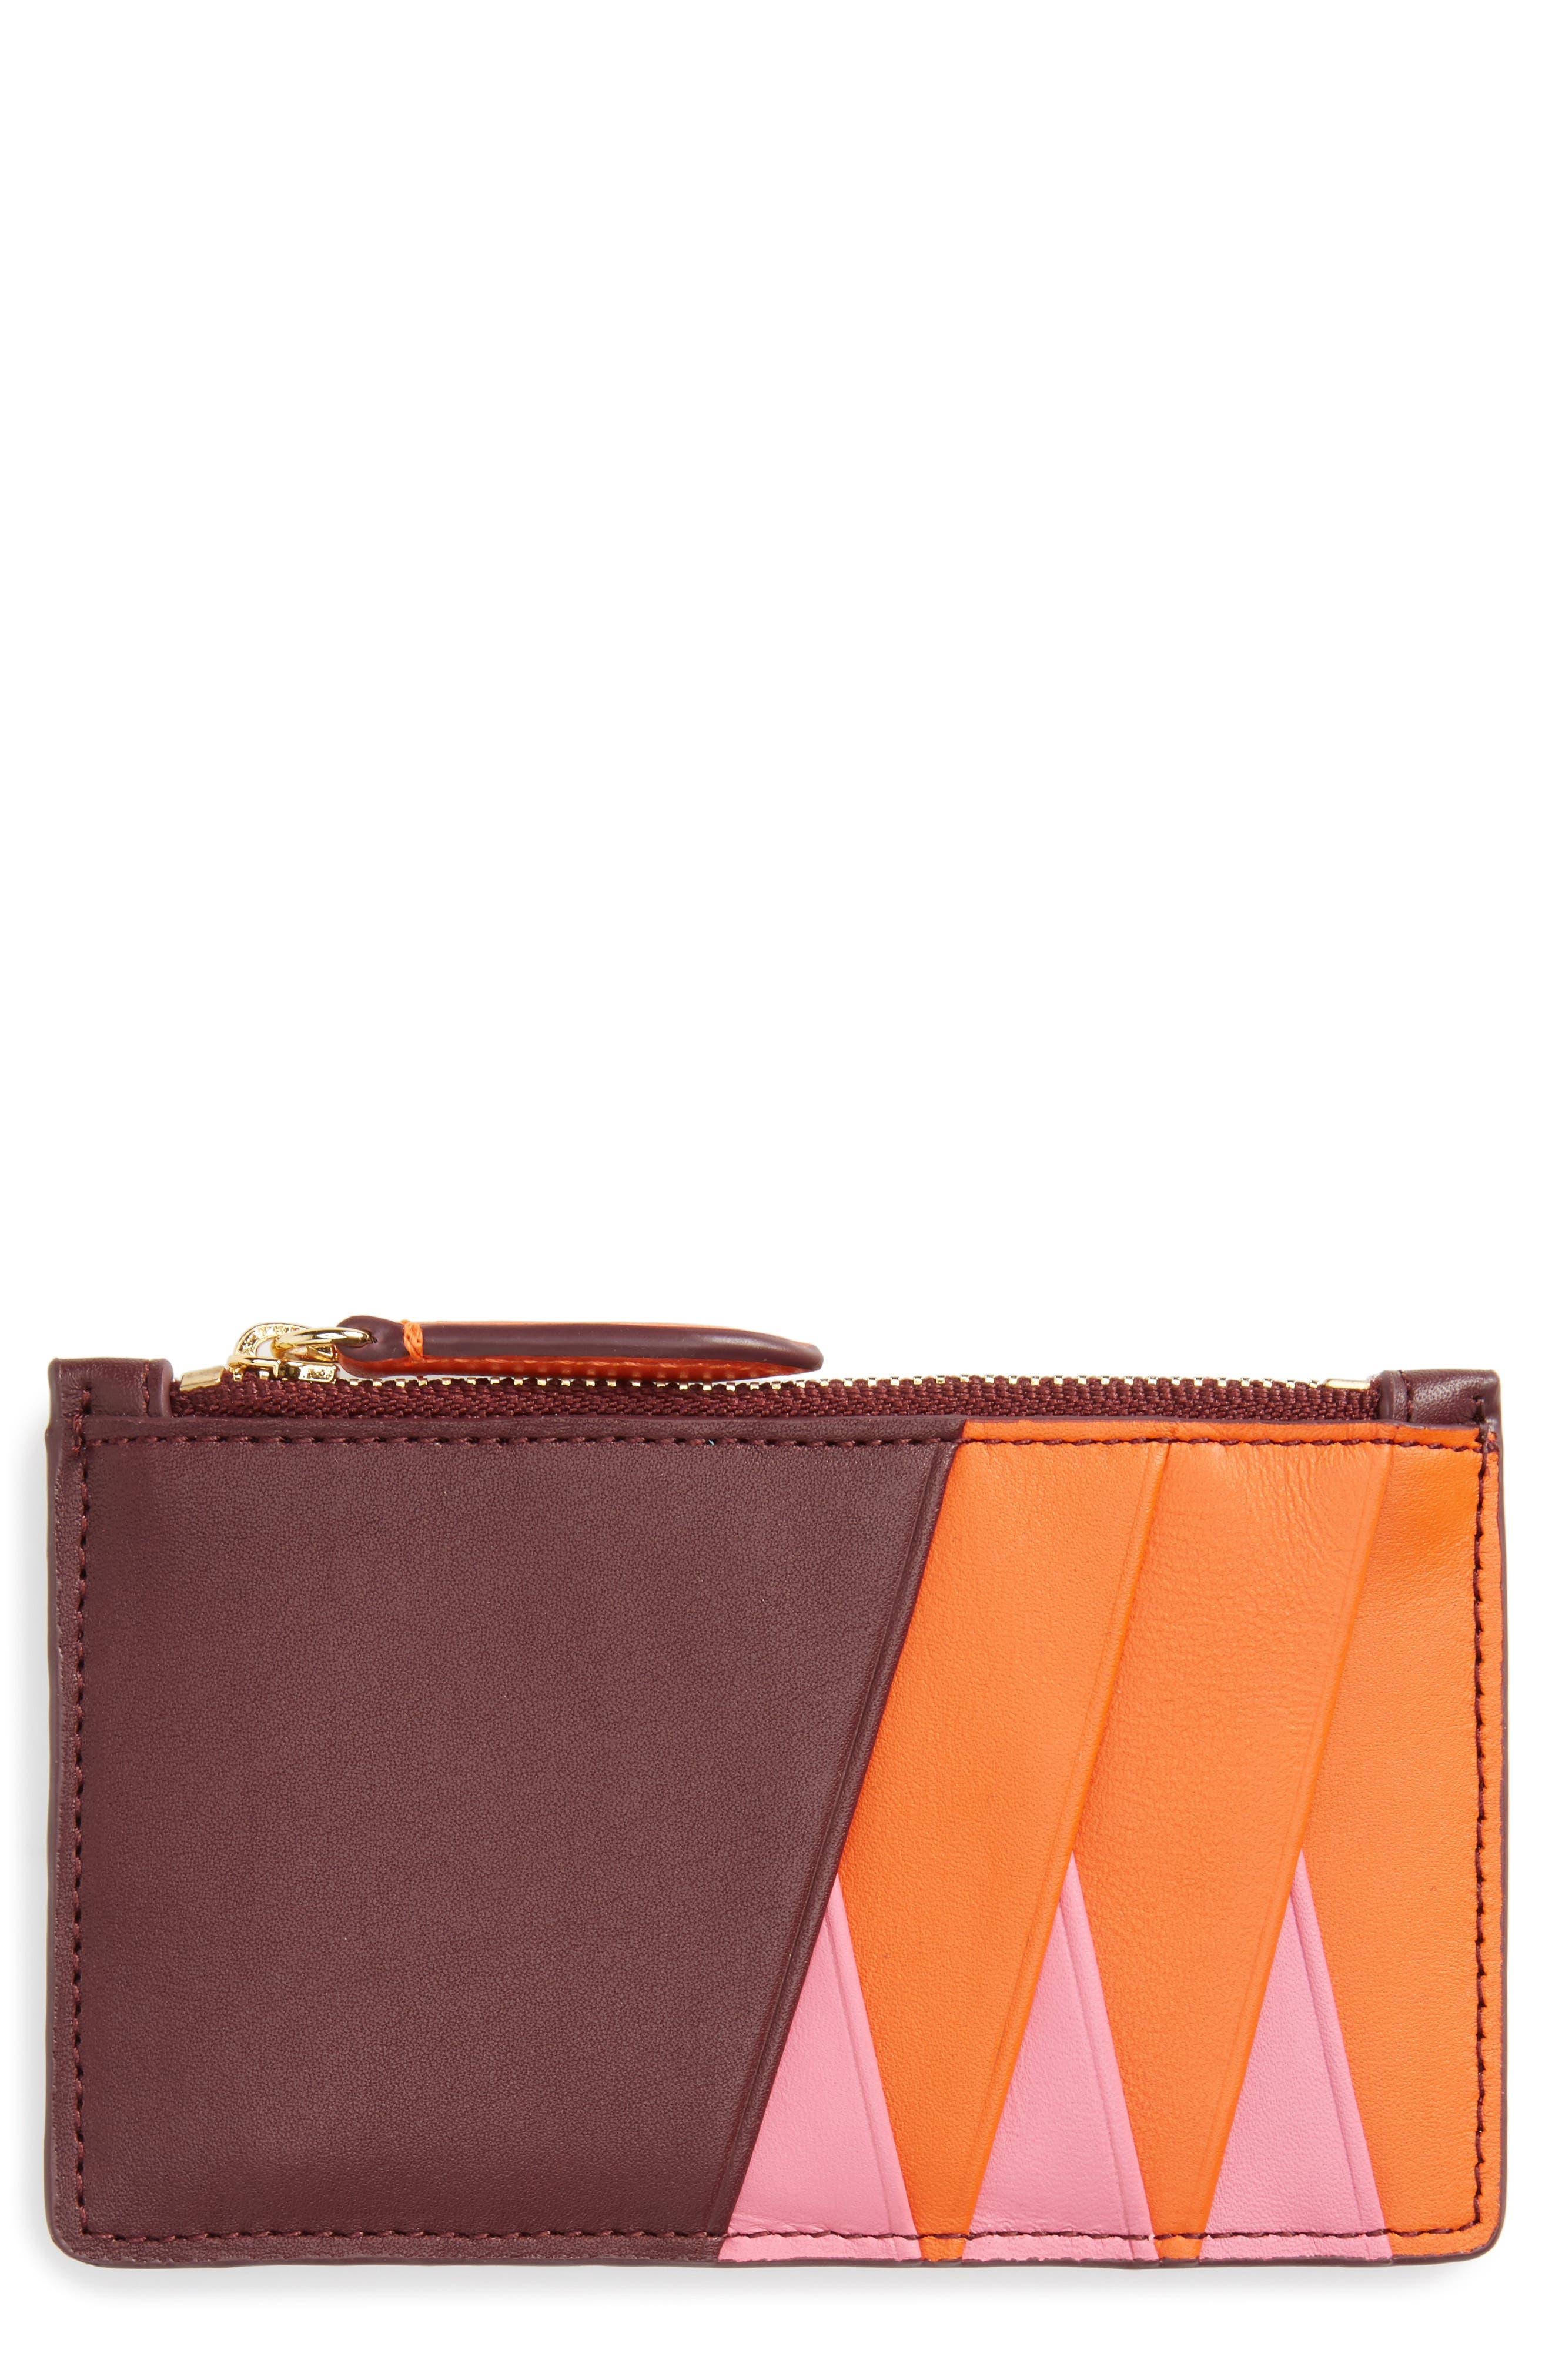 Diane von Furstenberg Leather Card Case